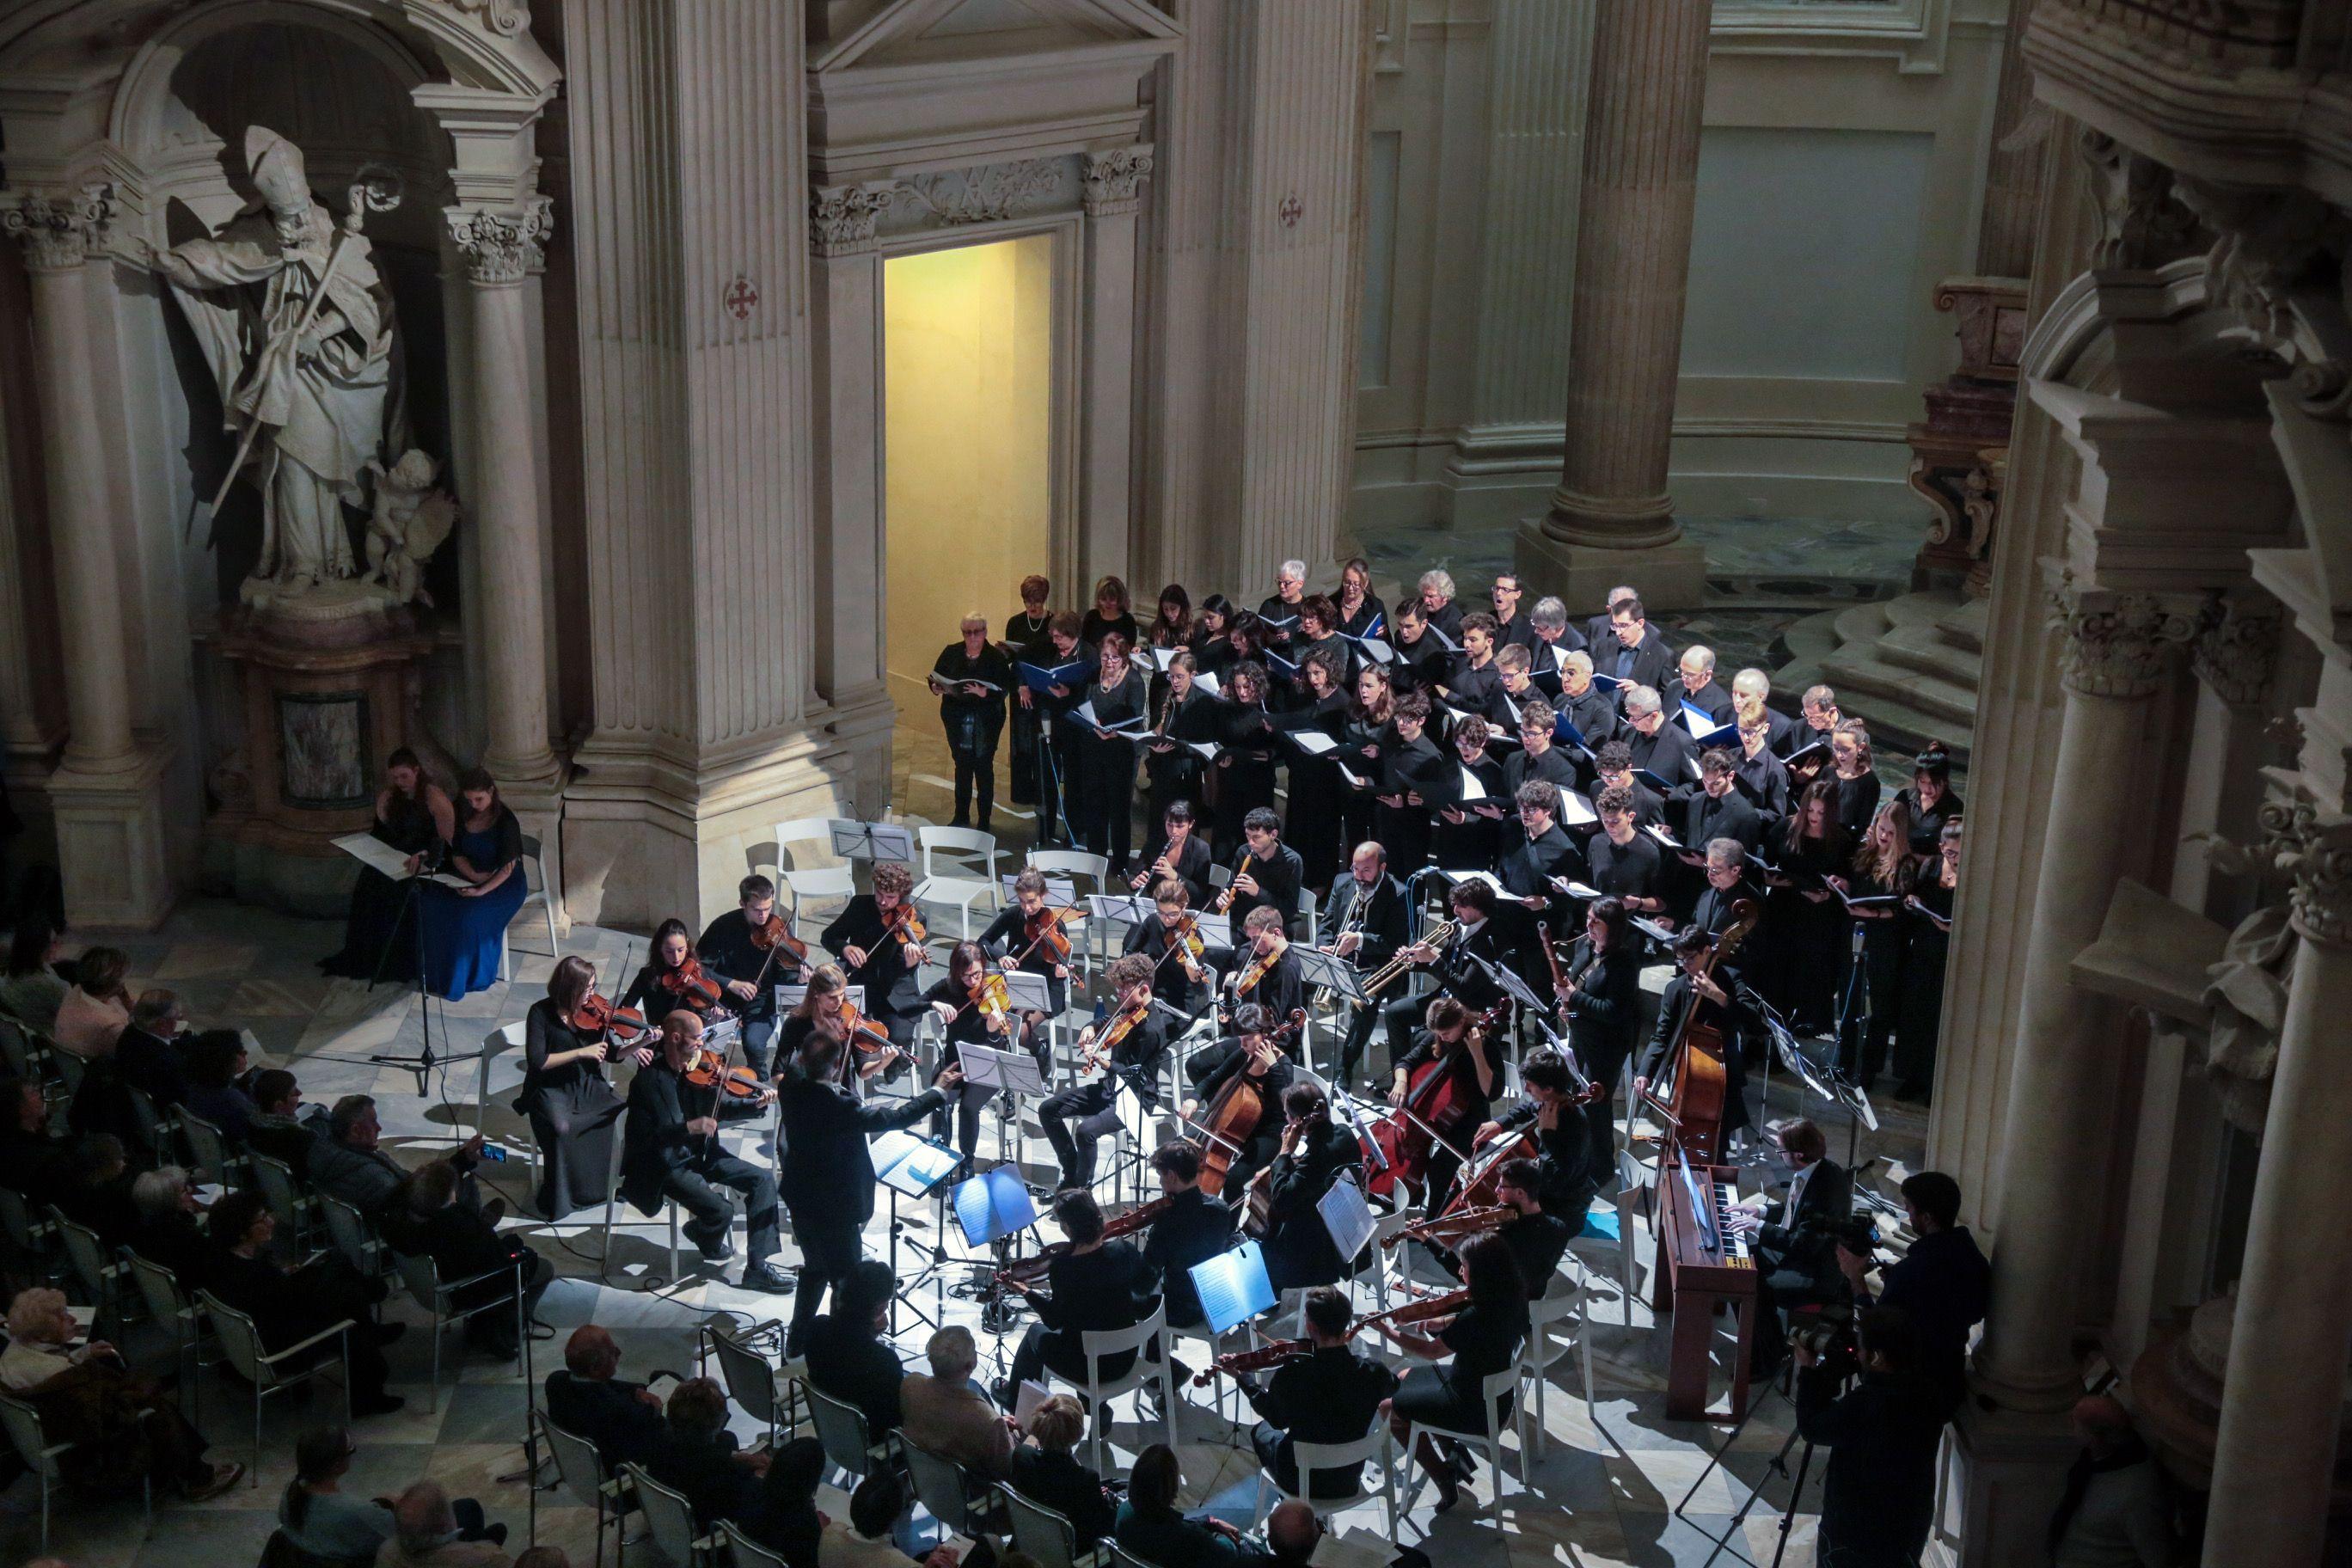 VENARIA - A Sant'Uberto si rivive l'atmosfera delle chiese di corte con «Regia Cappella»